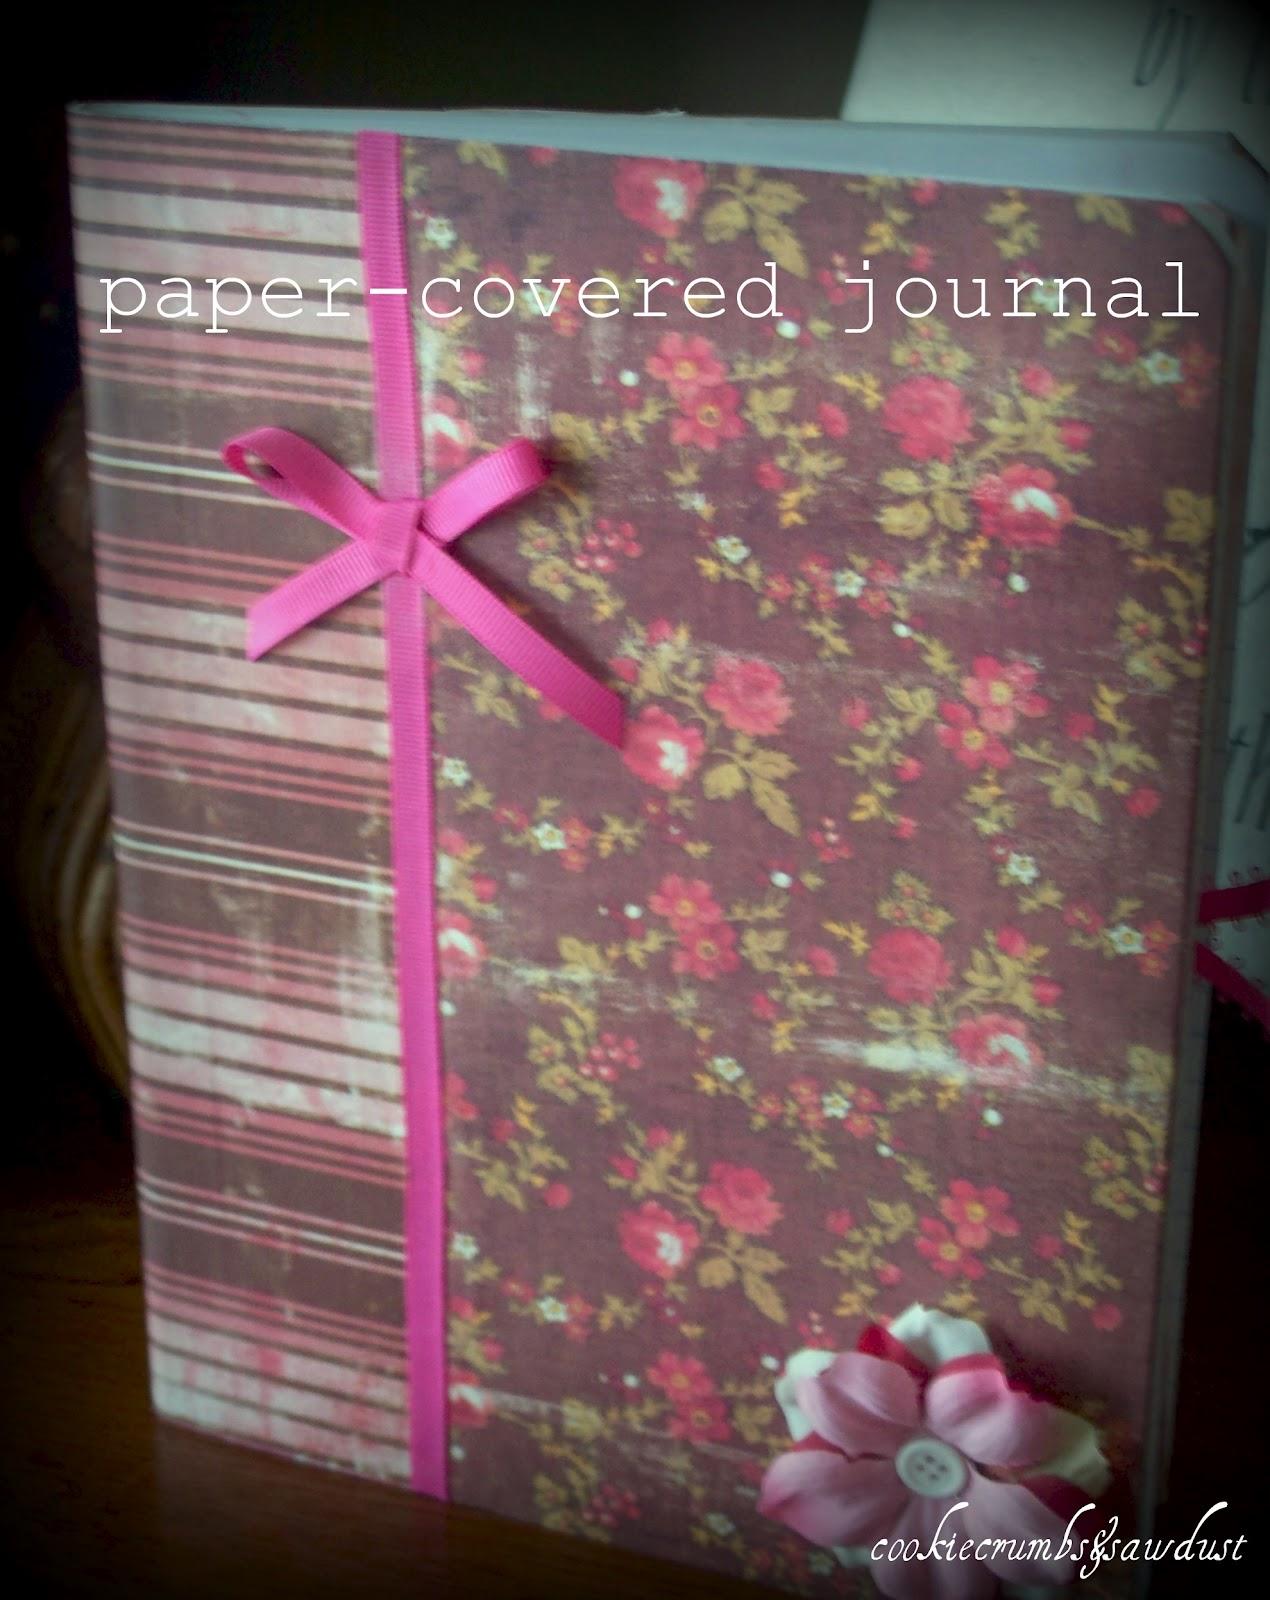 http://3.bp.blogspot.com/-rujVBIR7uC4/T1Uchq6pw6I/AAAAAAAACio/Q3DSm96I_eU/s1600/paper-covered_journal.jpg